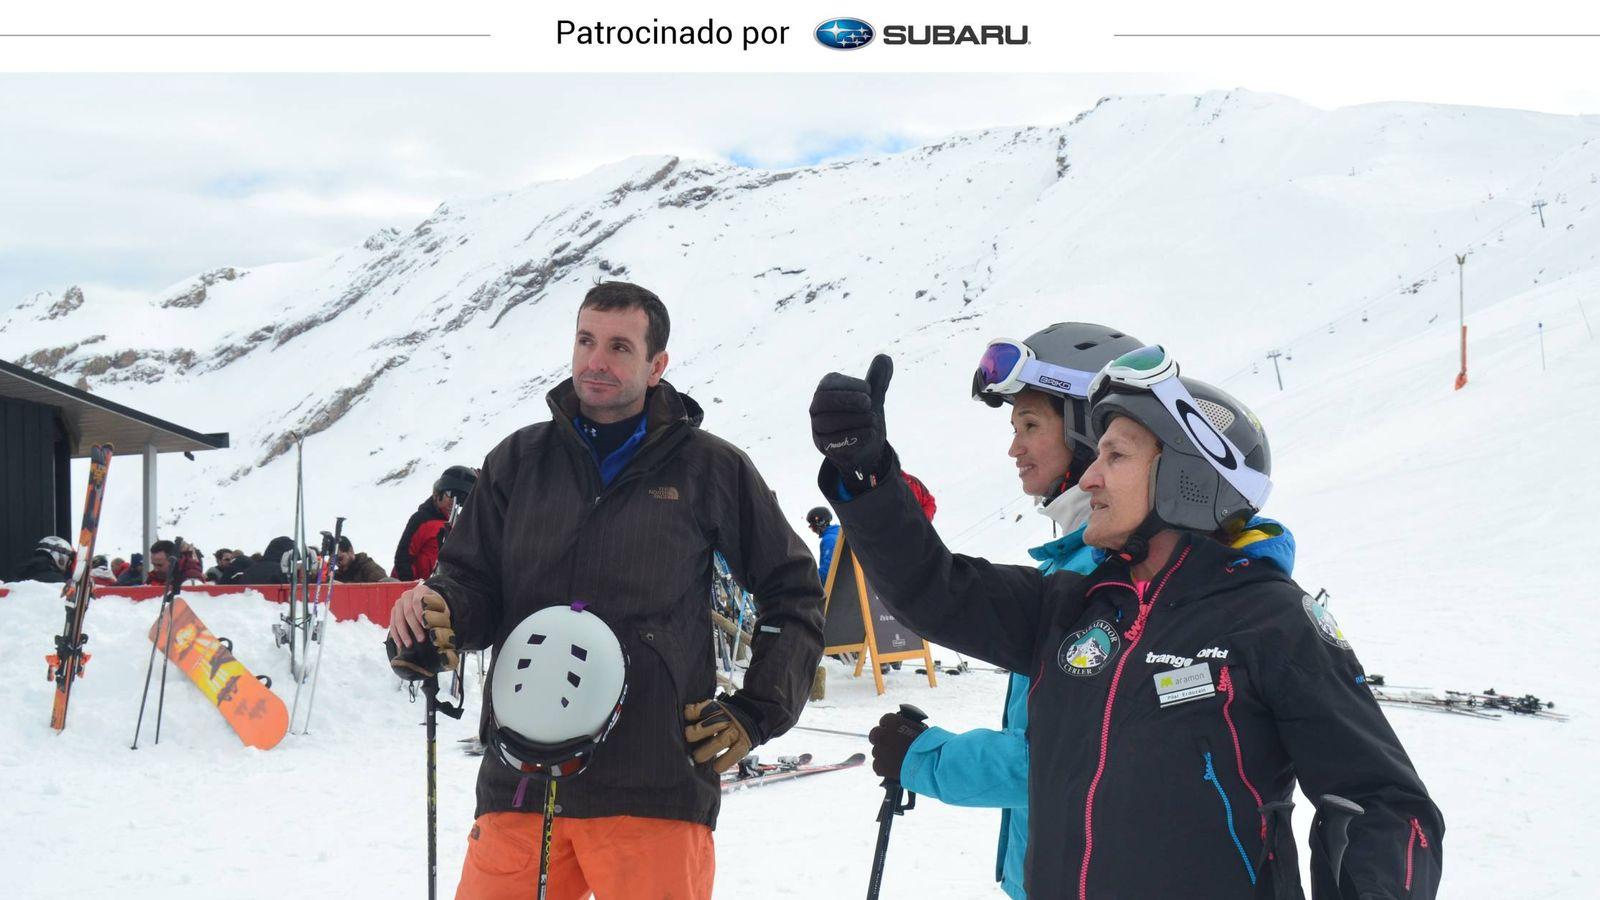 Foto: Pilar Erdozain da indicaciones a una pareja de esquiadores.